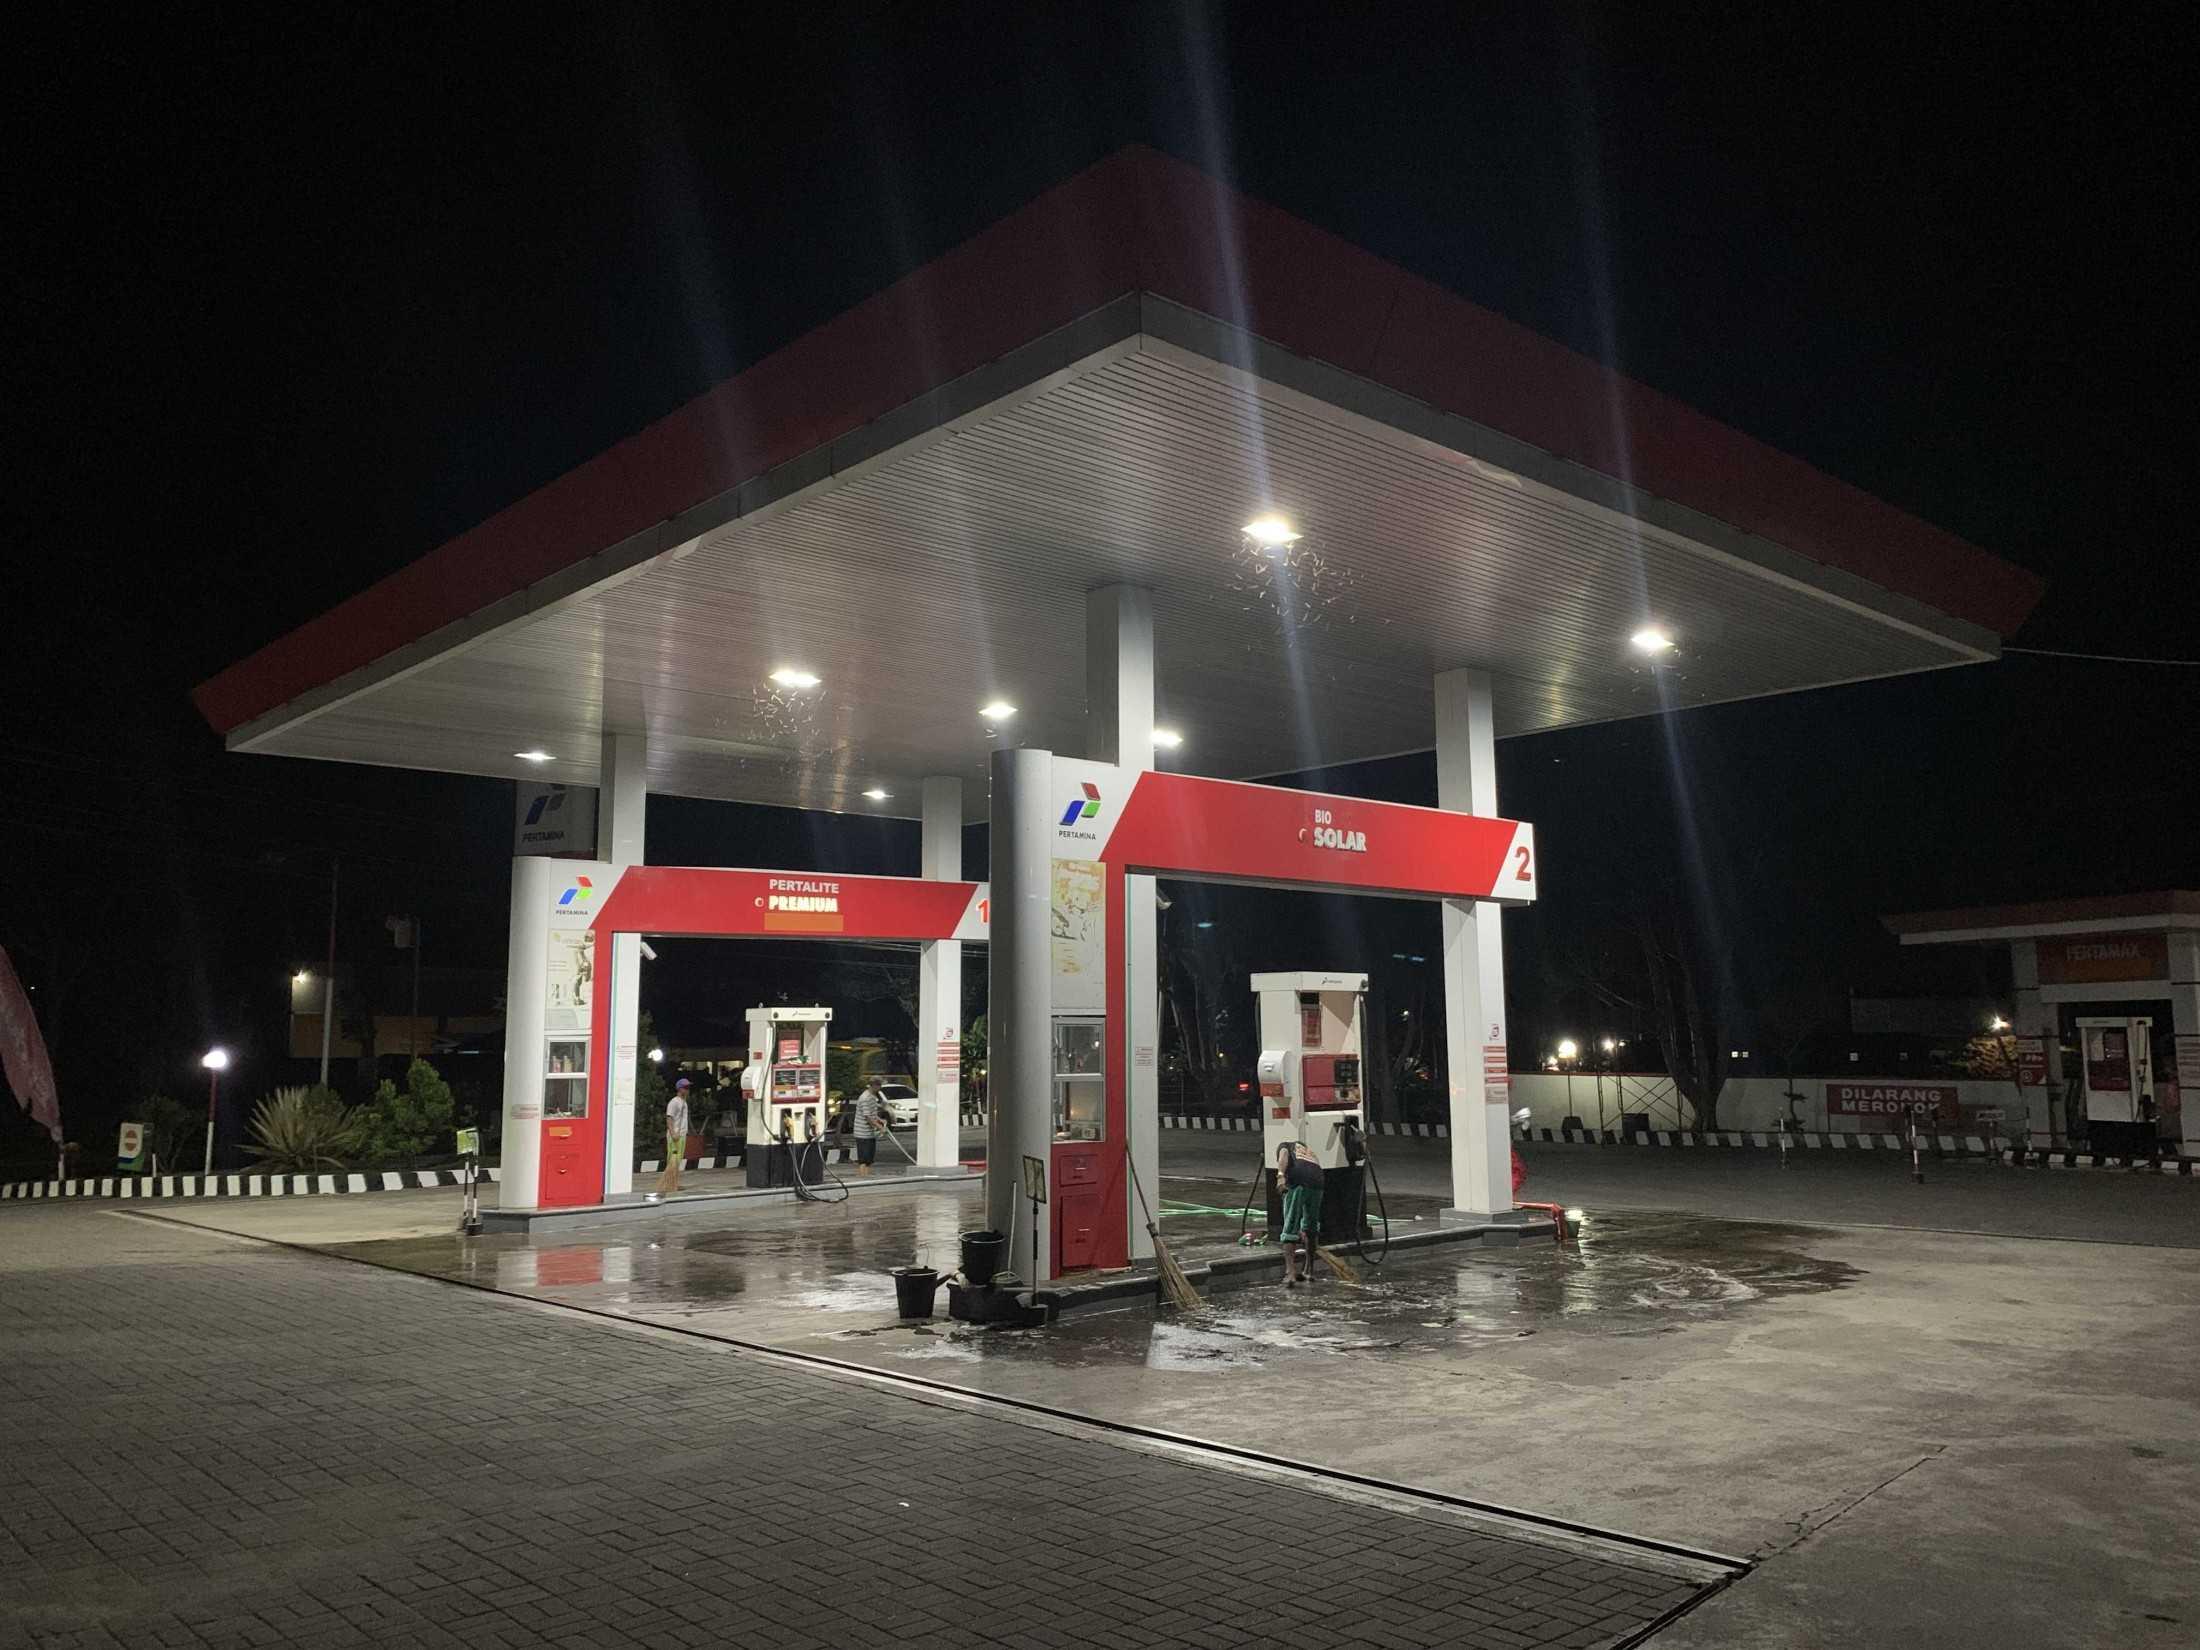 Jasa Kontraktor Rajawali Putera Utama - Mechanical, Electrical, Lighting Design & AC Contractor di Temanggung